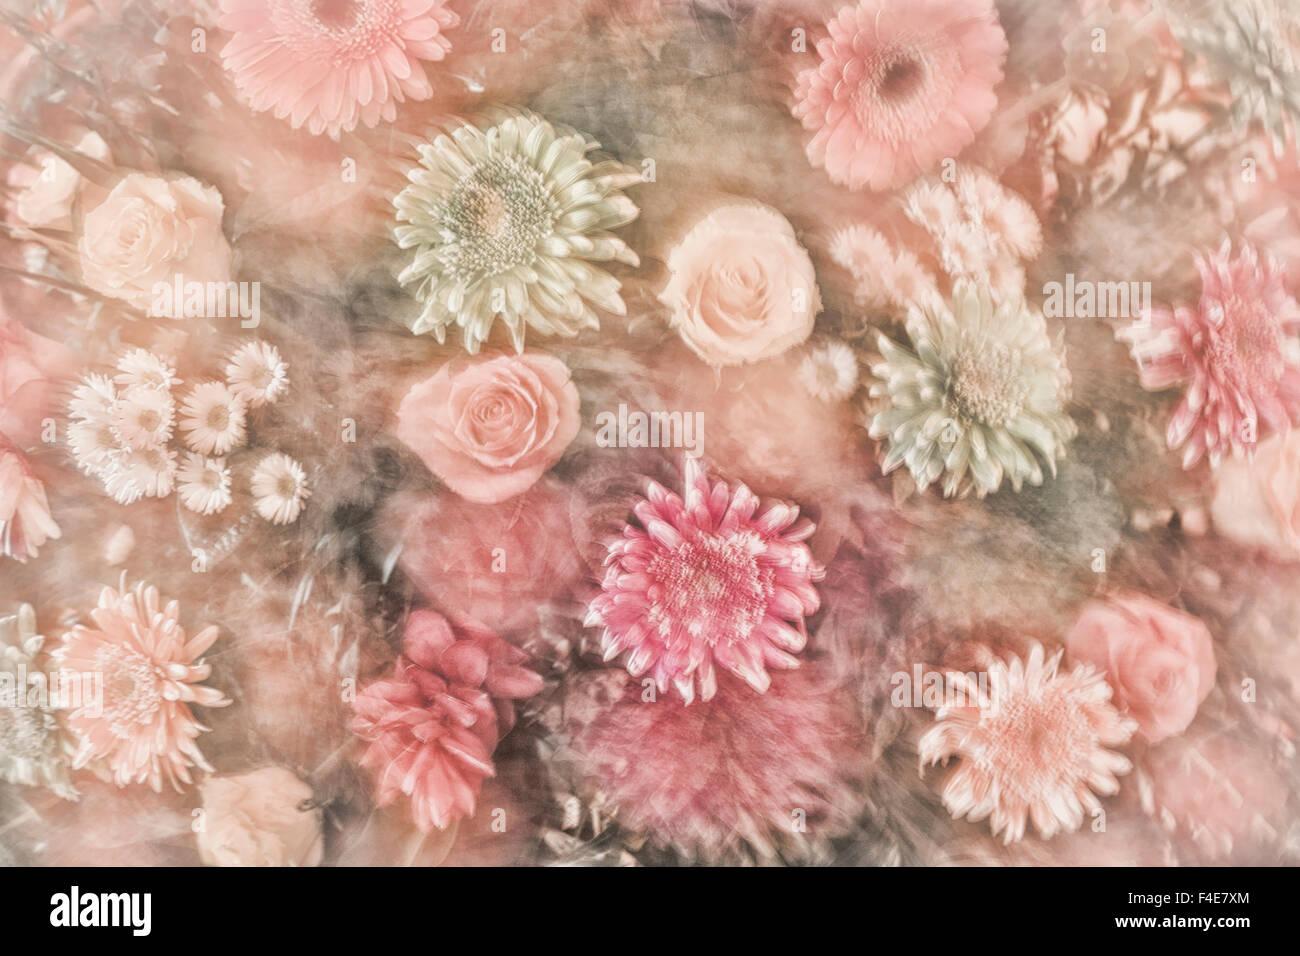 Le Mexique, Rancho La Puerta. Résumé impression d'un arrangement floral. En tant que crédit: Photo Stock